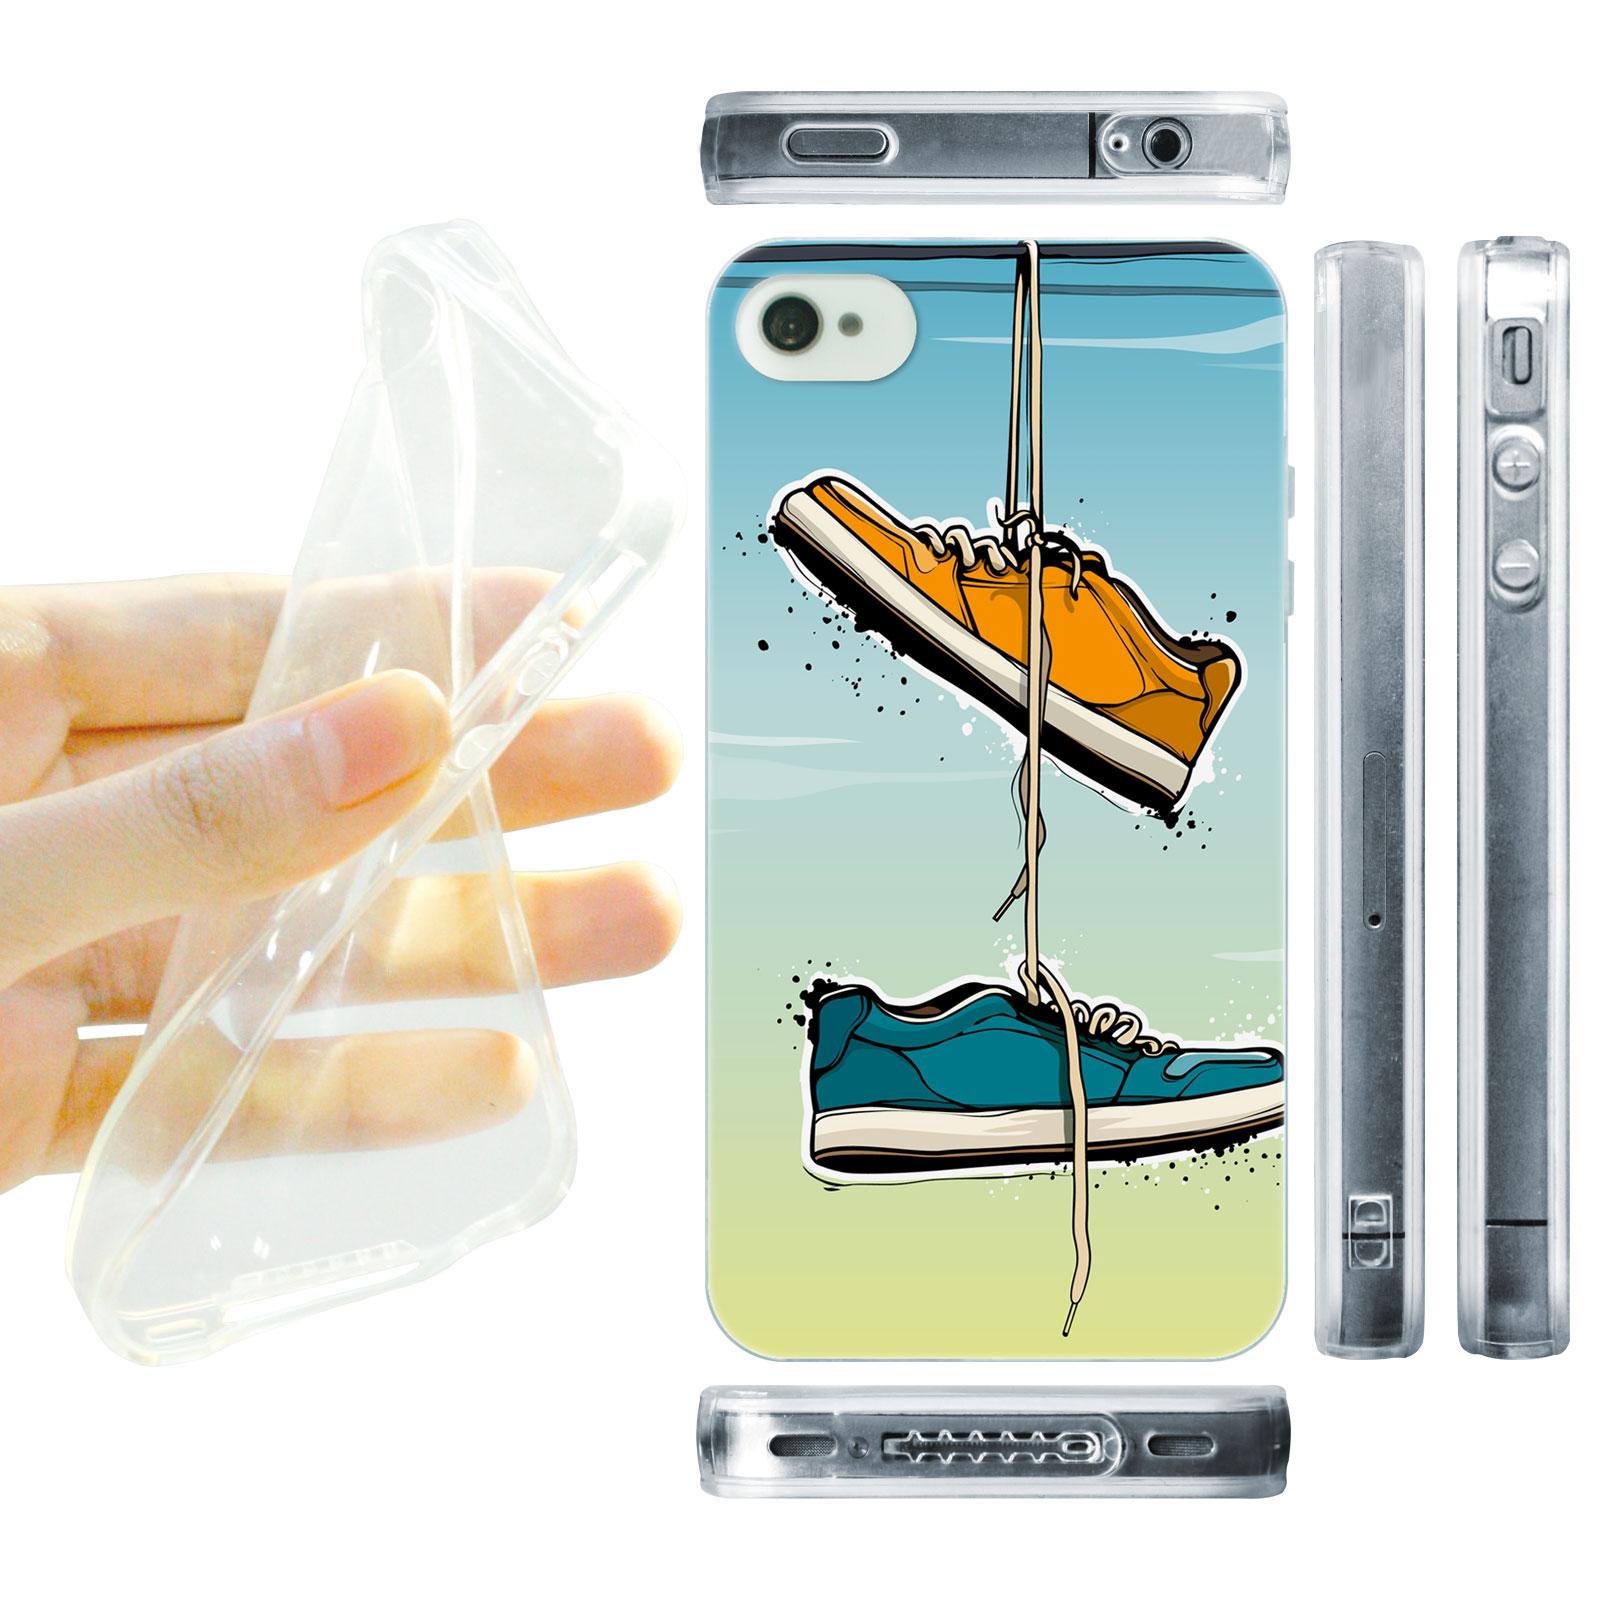 HEAD CASE silikonový obal na mobil Iphone 4/4S Urban styl Botičky tkaničky modrá a žlutá